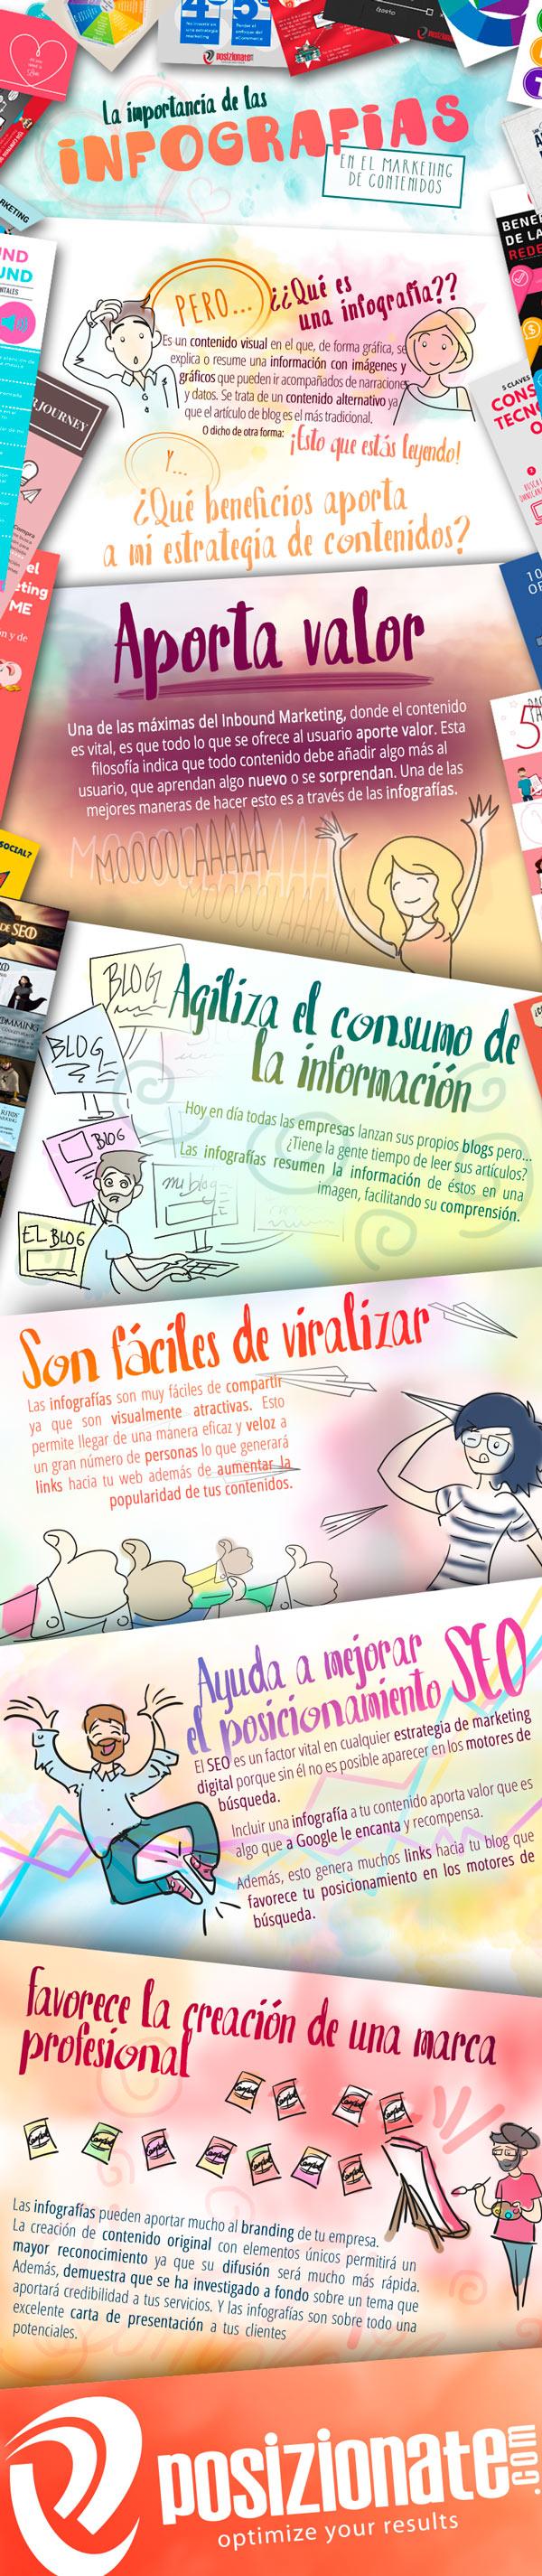 La_importancia_de_las_infogracias_en_el_marketing_de_contenidos_.jpg